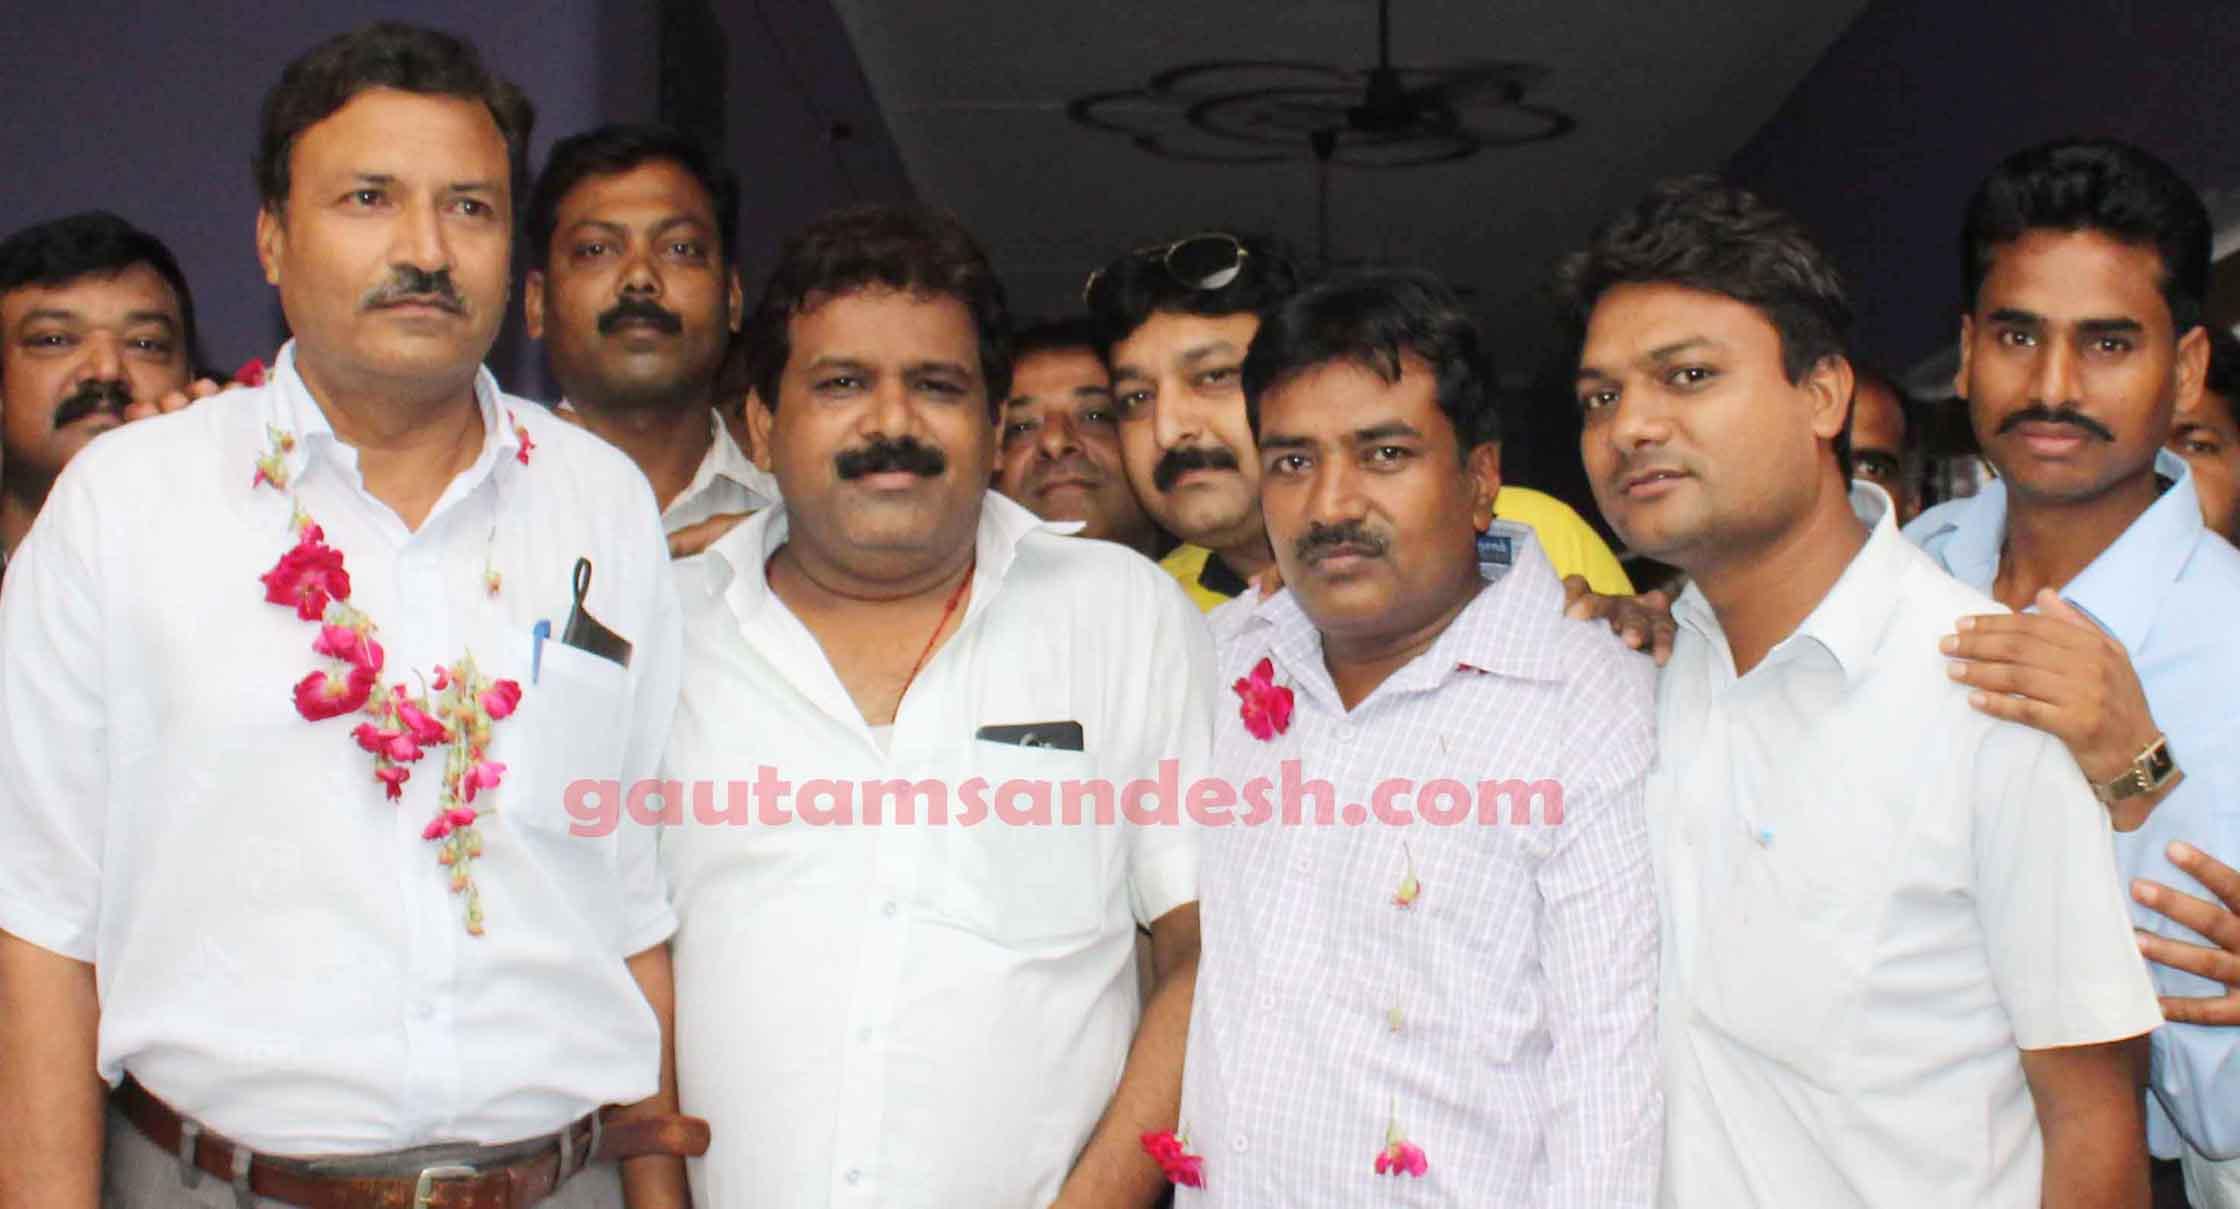 नवनिर्वाचित अध्यक्ष सुयोग्य कुमार गुप्ता व महासचिव अनूप कुमार सक्सेना को बधाई देते निवर्तमान महासचिव पवन कुमार गुप्ता।